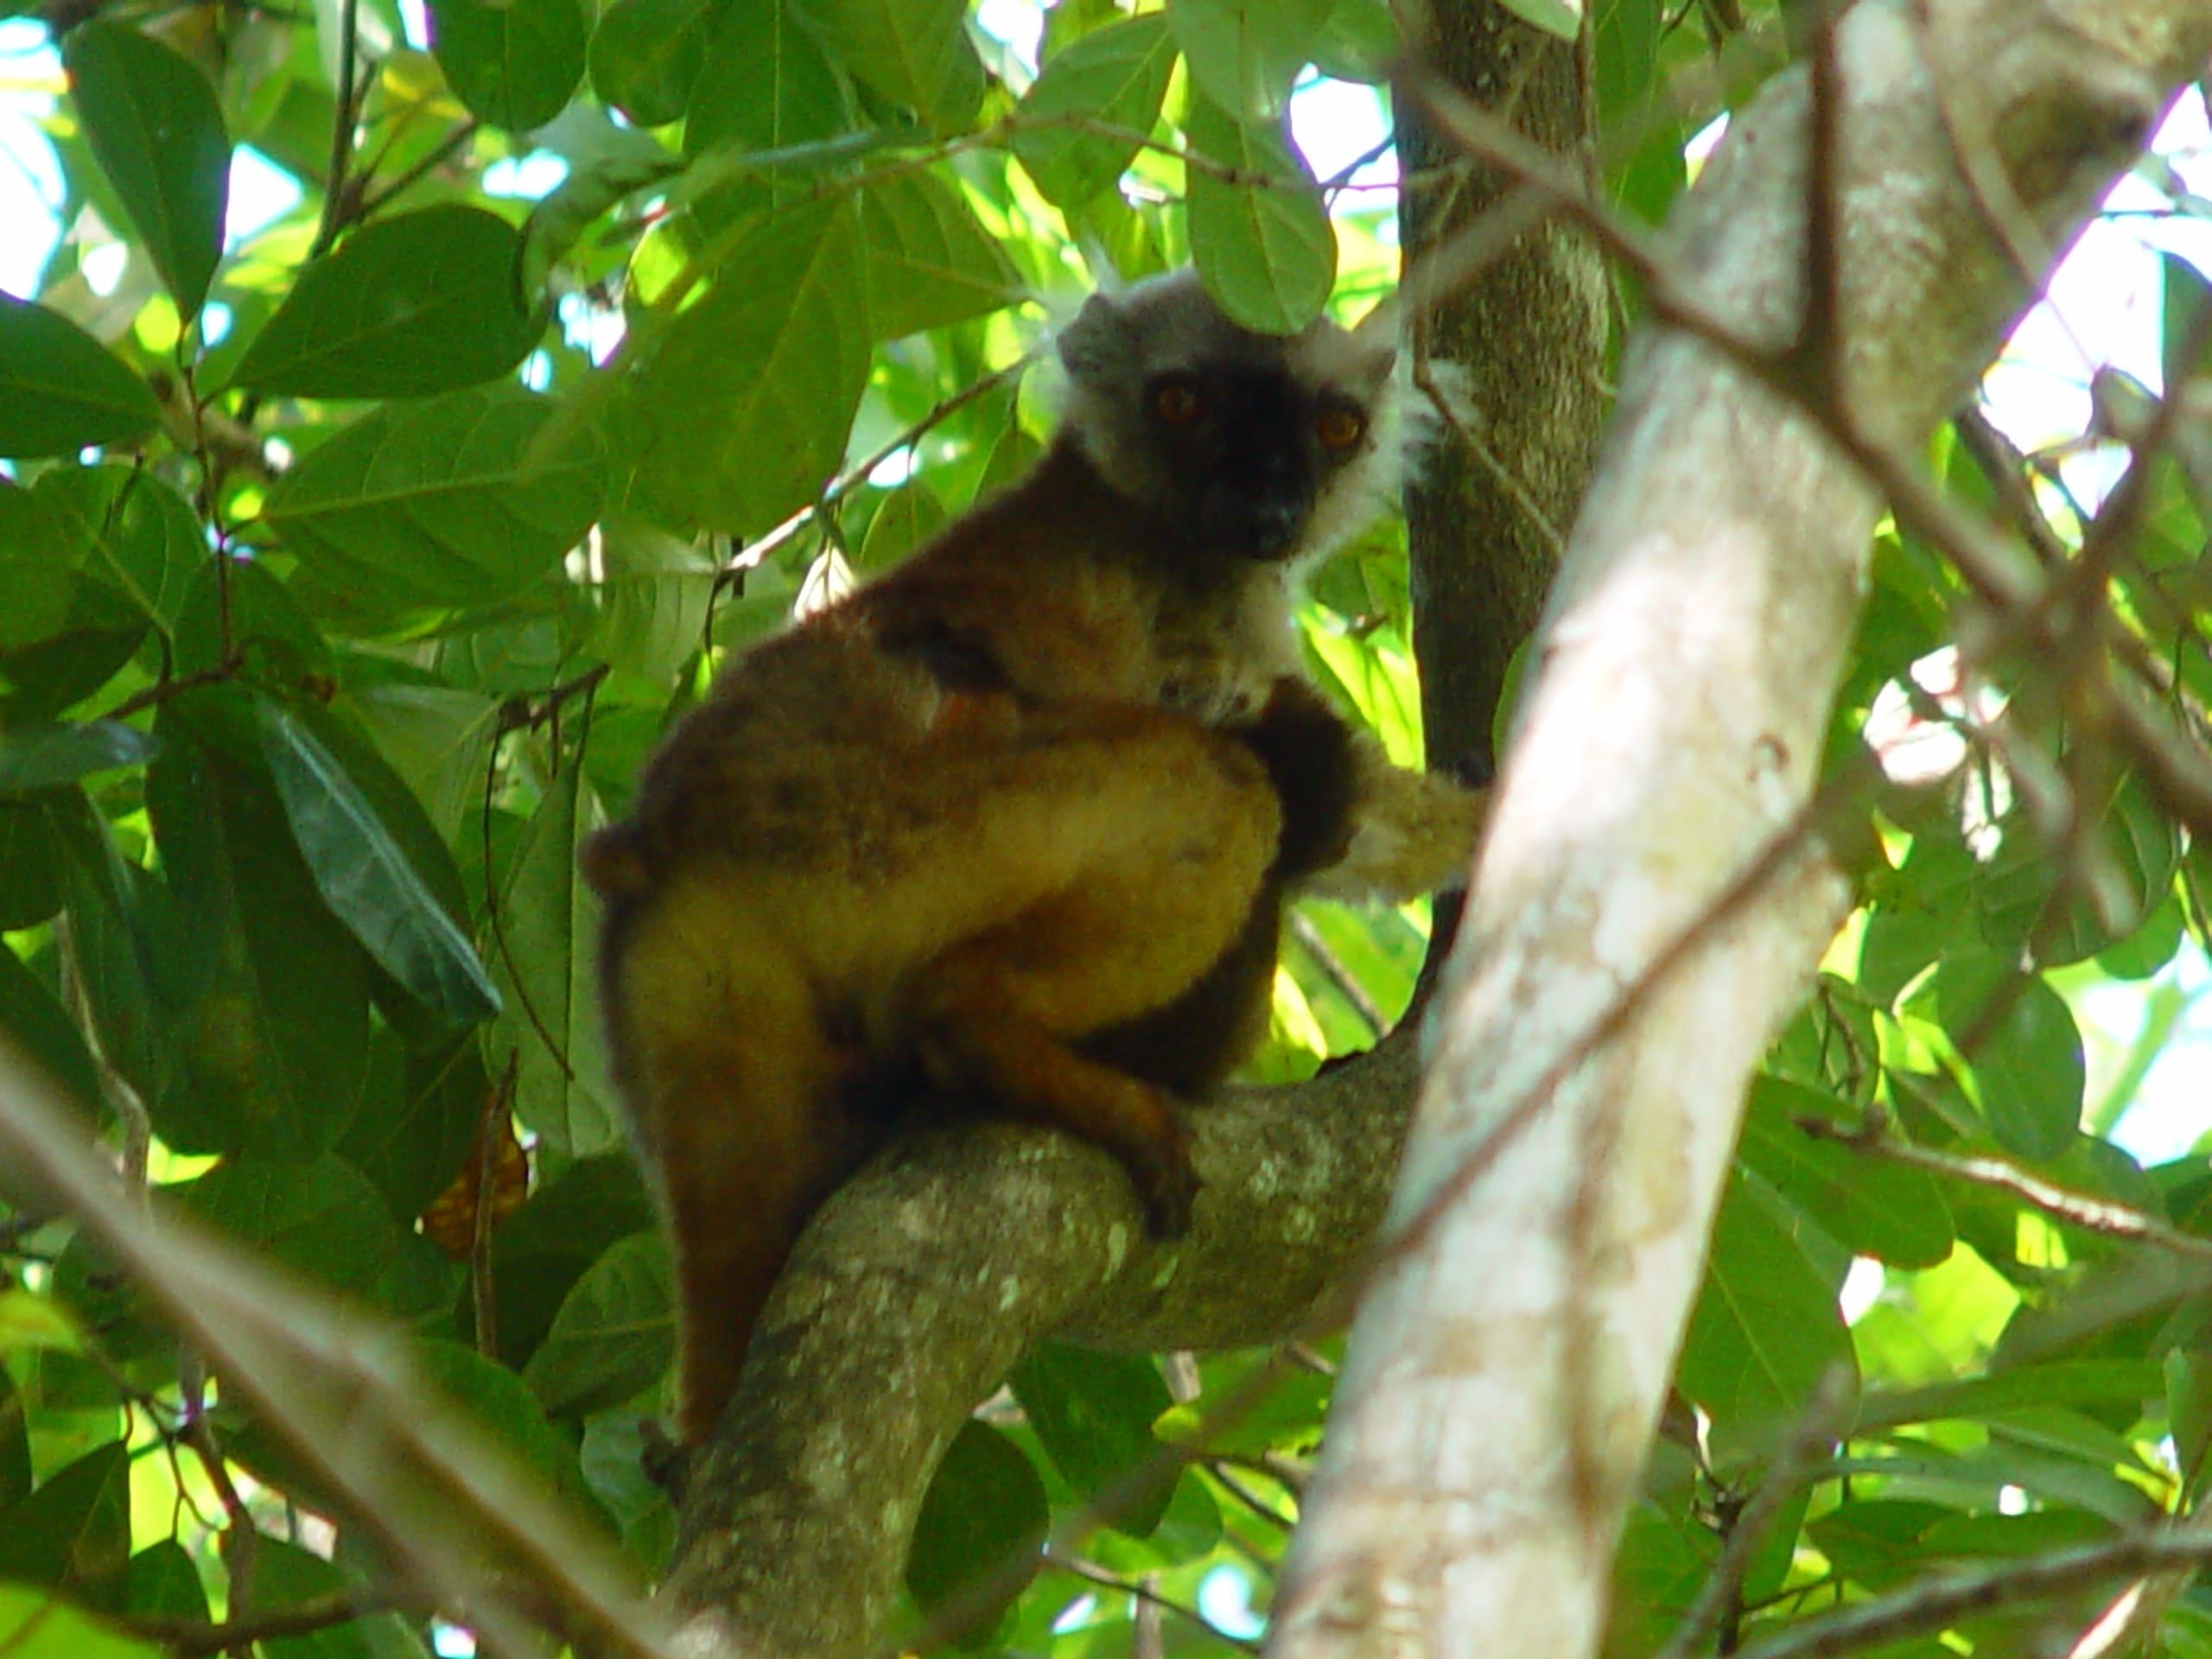 Lokobe National Park